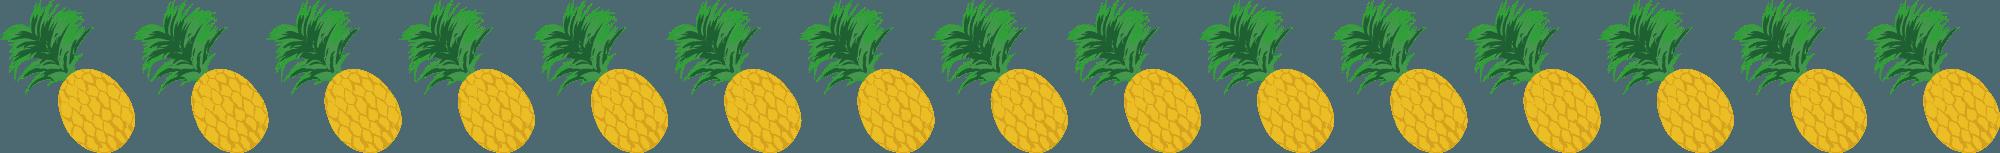 パイナップルのライン素材ライン素材